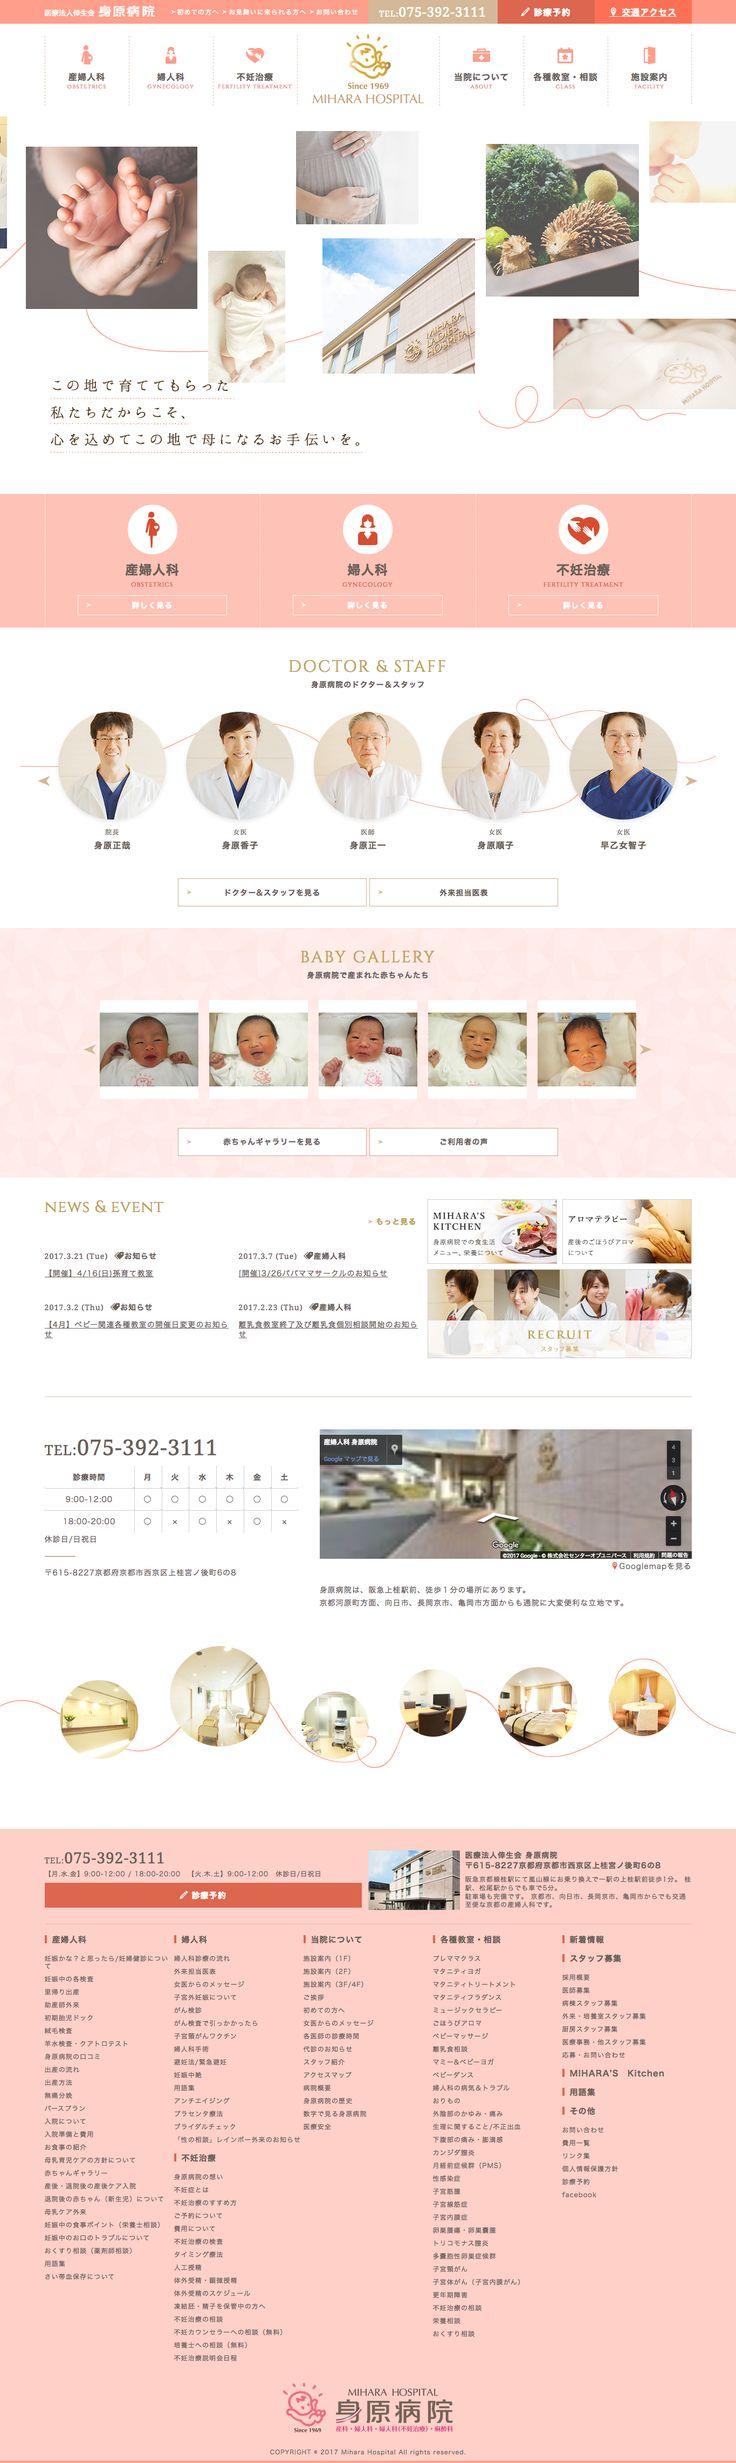 京都にある産婦人科、身原病院のWebサイト - サーモンピンクを基調にした女性らしくて優しいデザイン|webdesign, design, responsive, pink, gold, medical